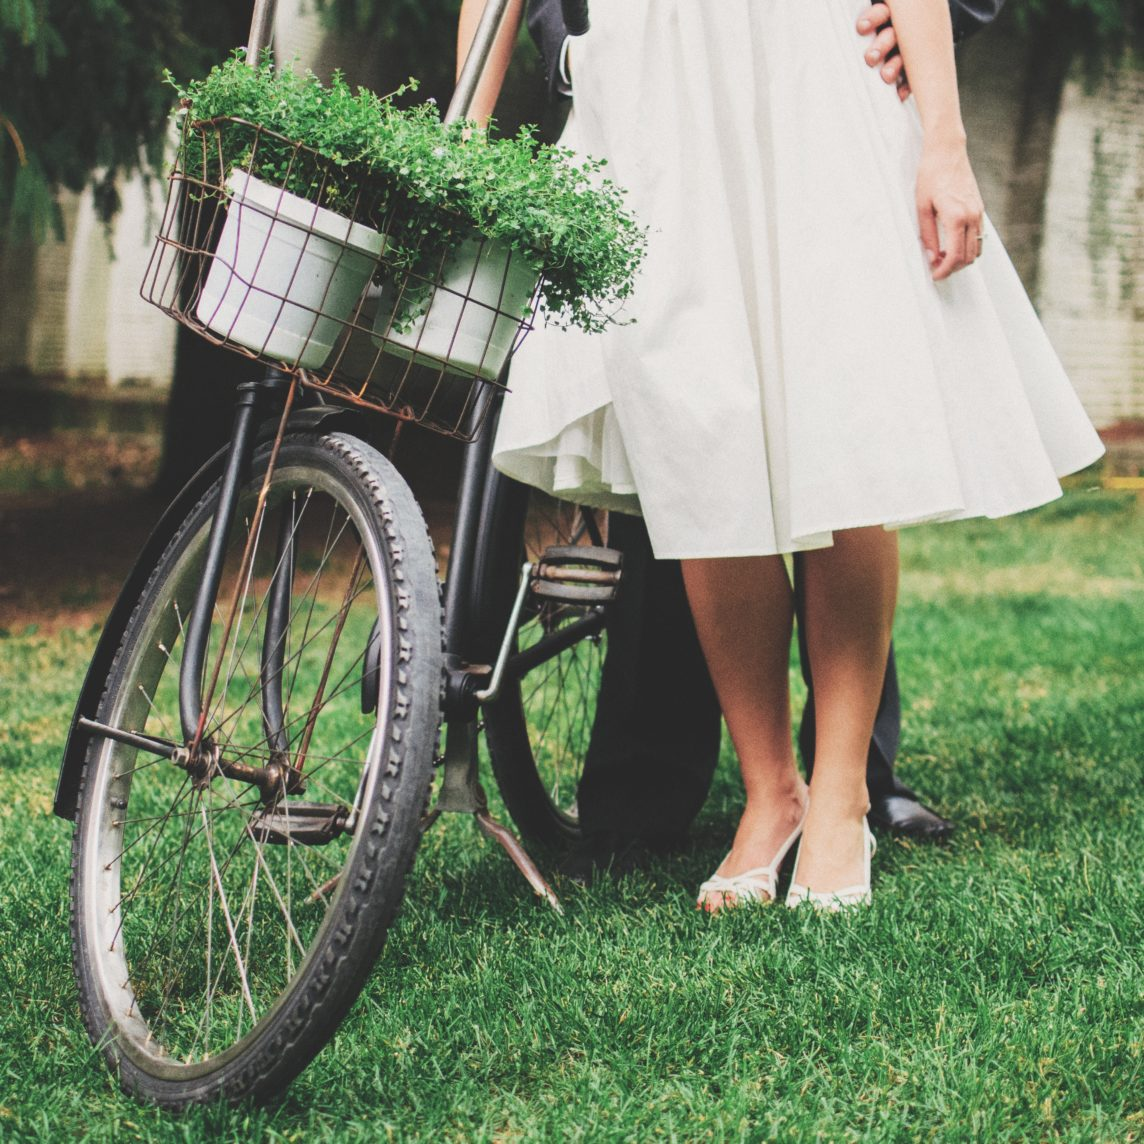 Matrimoni alternativi. La semplicità che stupisce: consigli per un matrimonio eco-chic